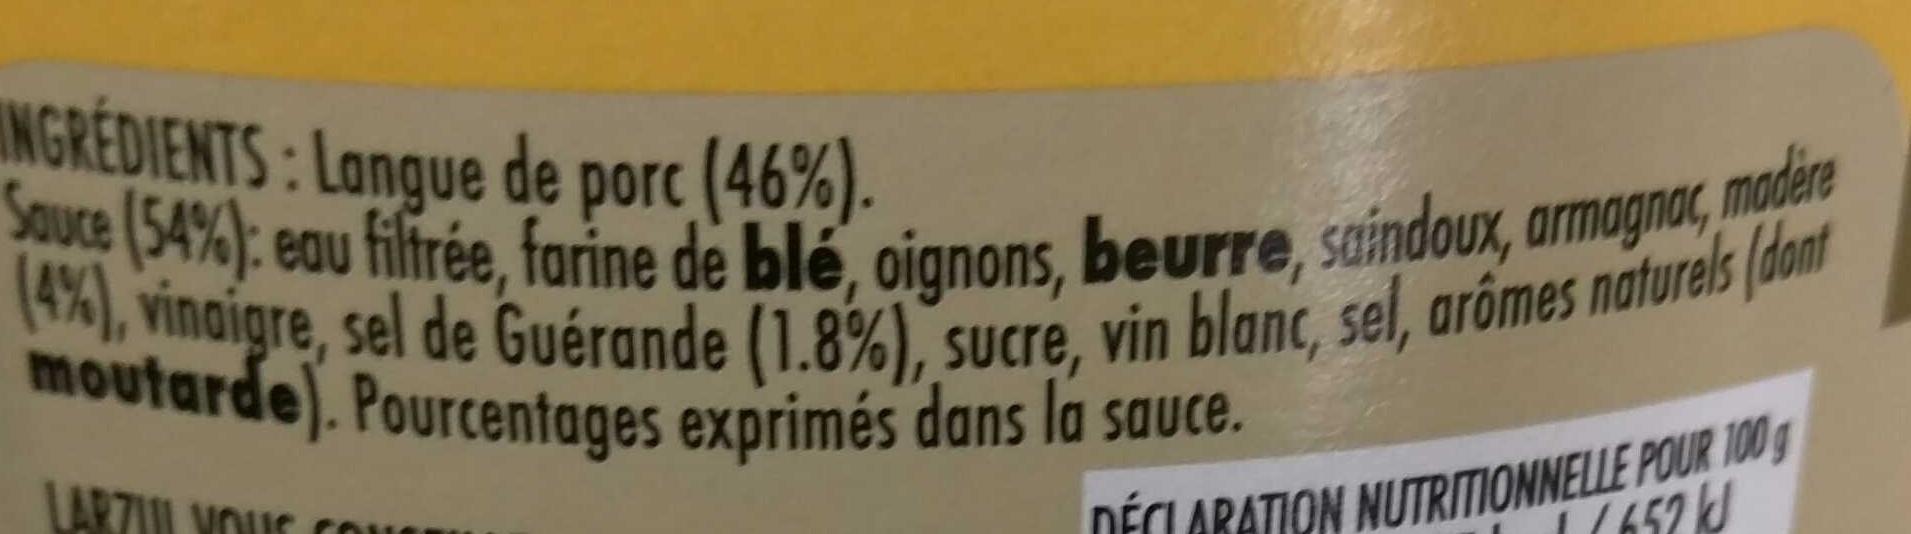 Langue de Porc Sauce Madère - Ingredienti